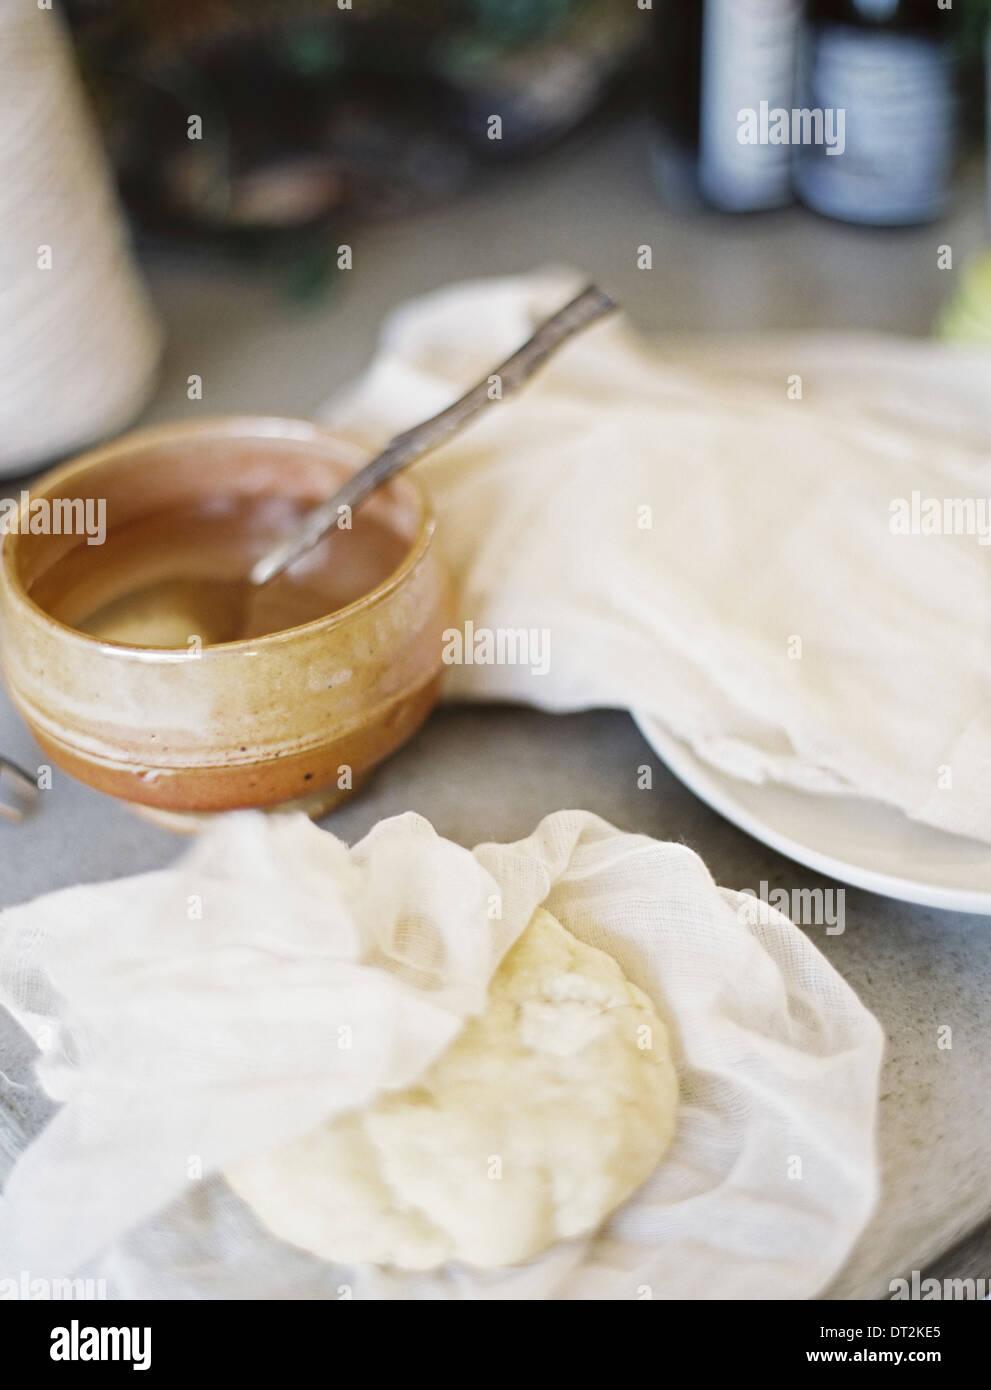 Un tavolo in una cucina domestica una ciotola di liquido con un cucchiaio in un blocco di pasticceria fresca parzialmente avvolti in una mussola square Immagini Stock